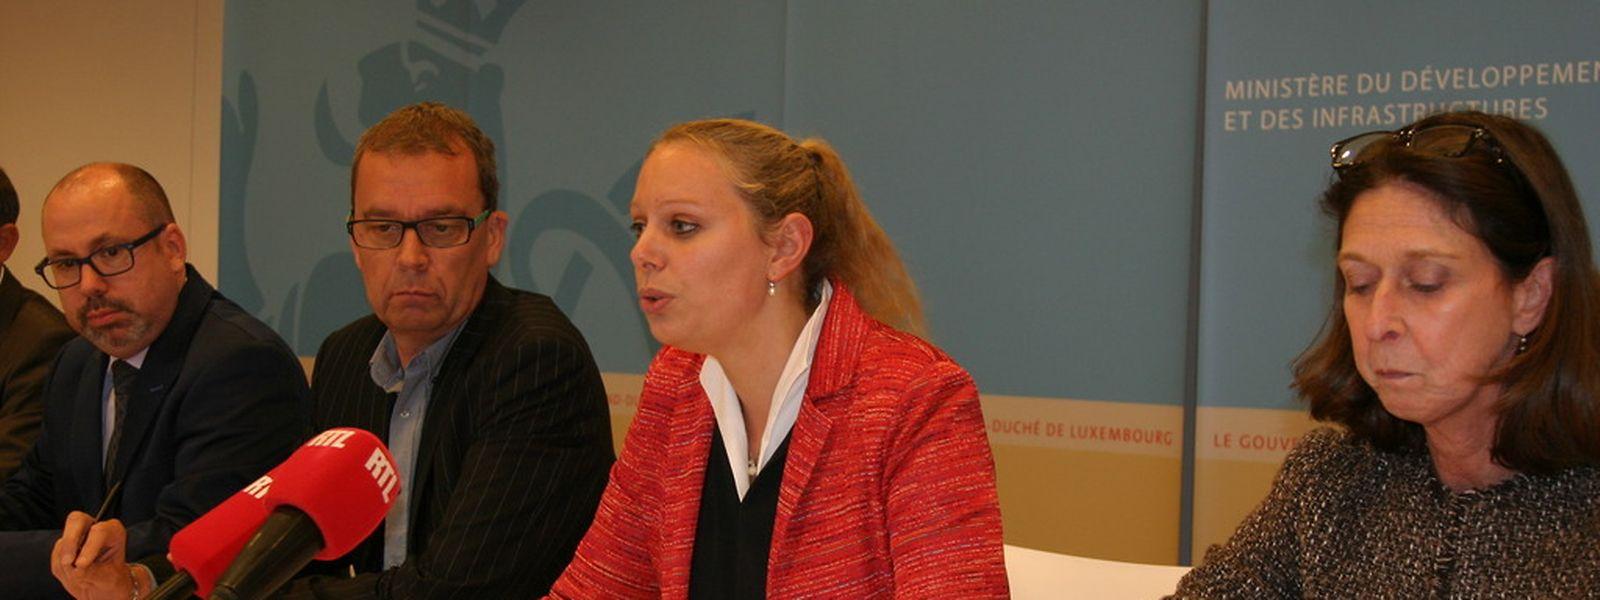 """Carole Dieschbourg, ministre de l'Environnement: """"Nous avons relevé la valeur limite pour le métazachlore dans l'eau potable de 100 ng/l à 3.000 ng/l. Cette dérogation sera valable pour trois ans au maximum""""."""